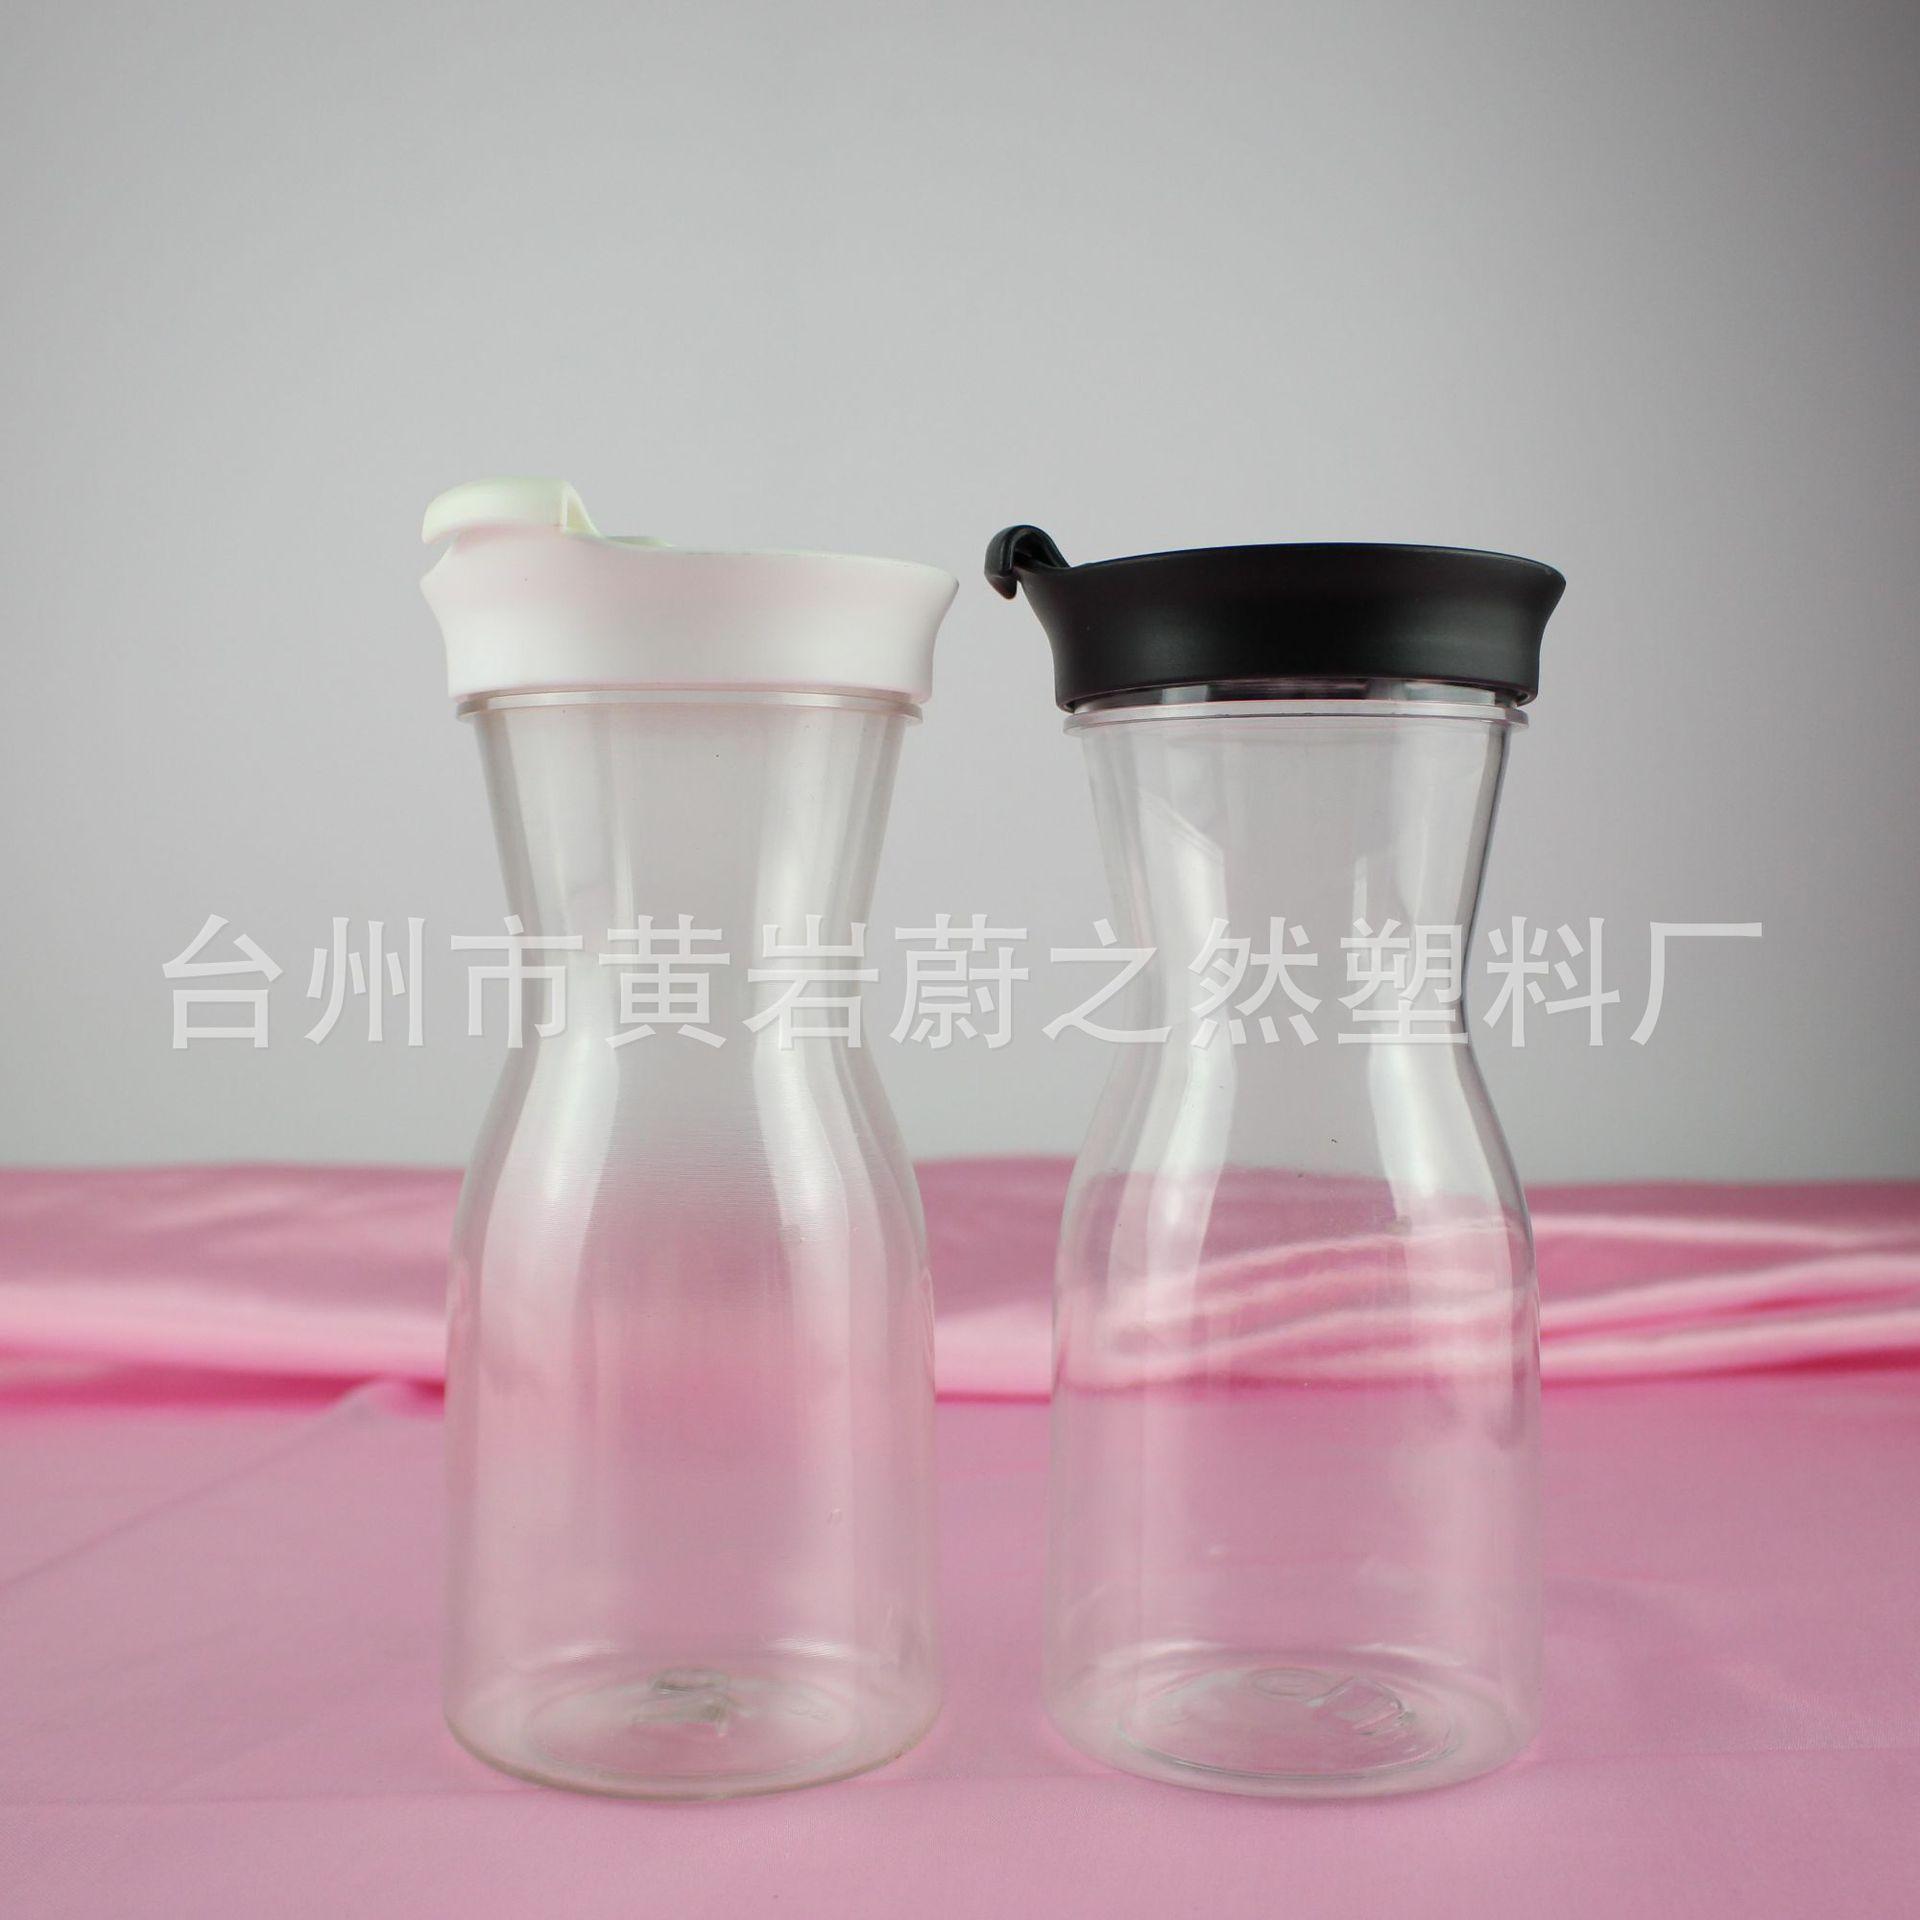 厂家直销pet吹塑 餐厅500ML果汁瓶 创意果汁瓶 可定制logo图片